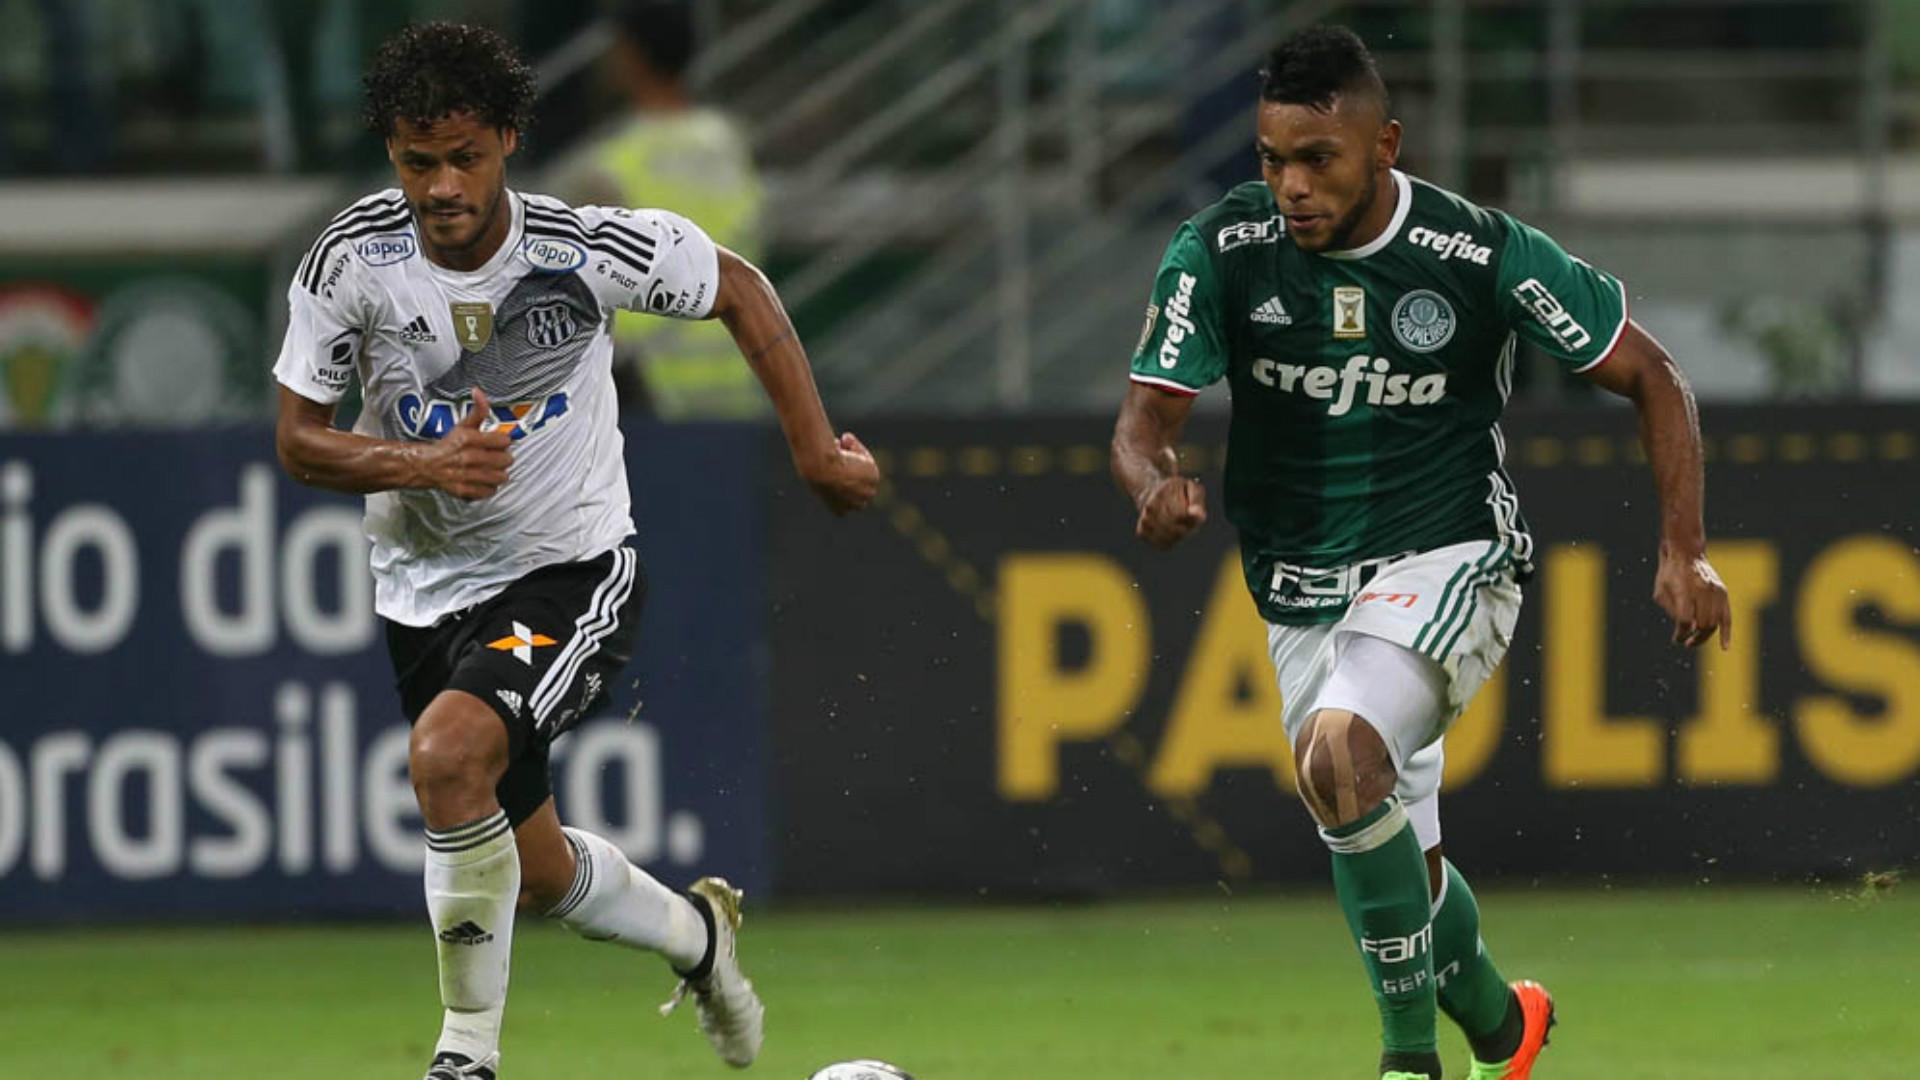 Borja - Palmeiras x Ponte Preta - 22/04/2017